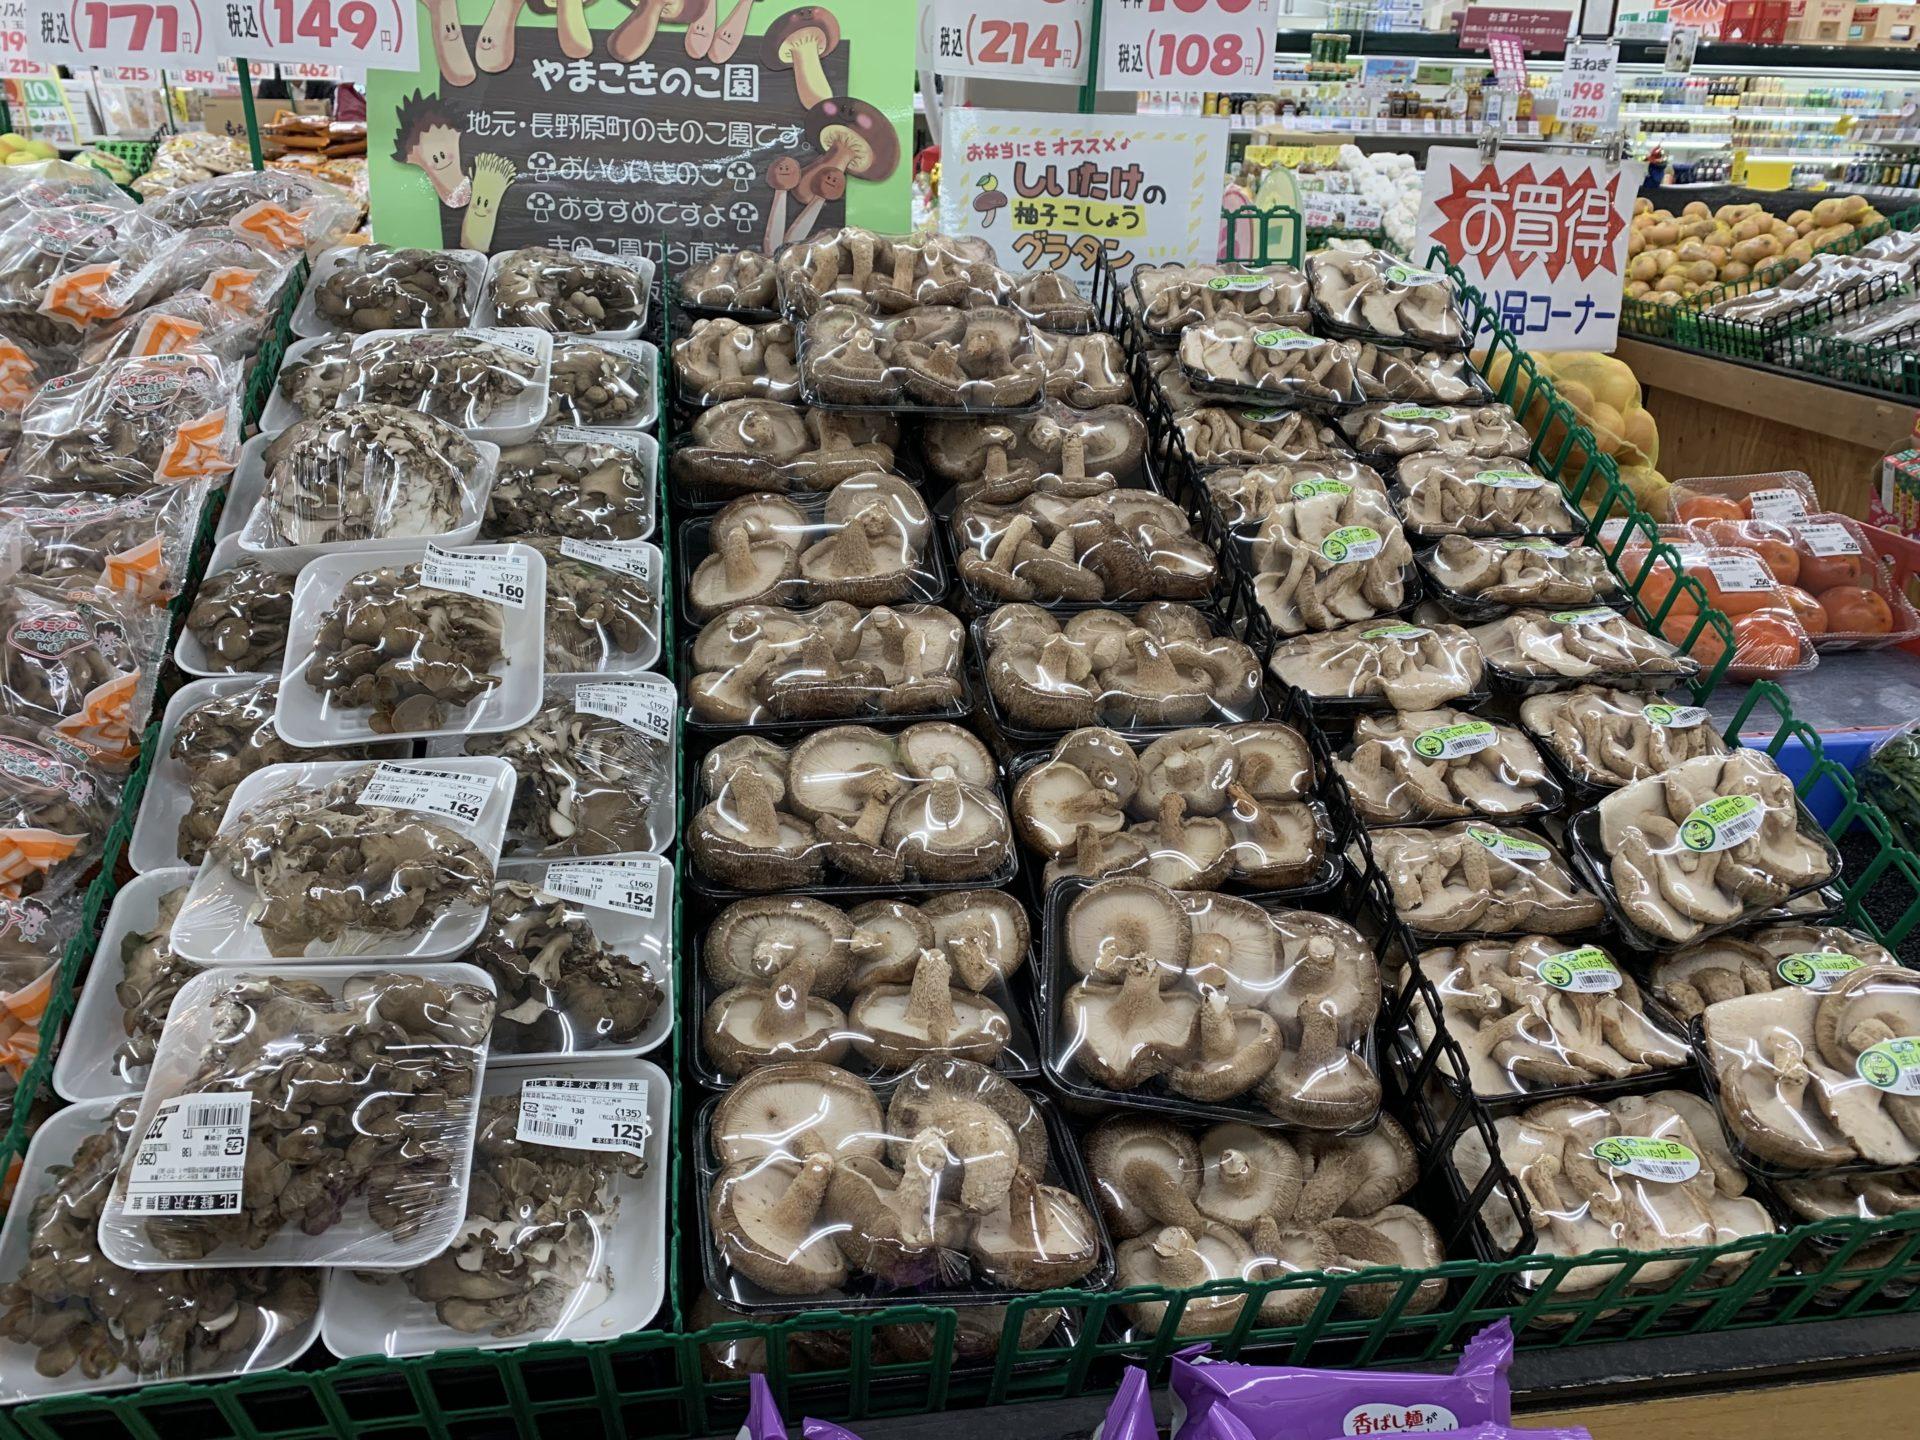 卸売センター「サンエイ」店内のキノコ類、大型の生シイタケ